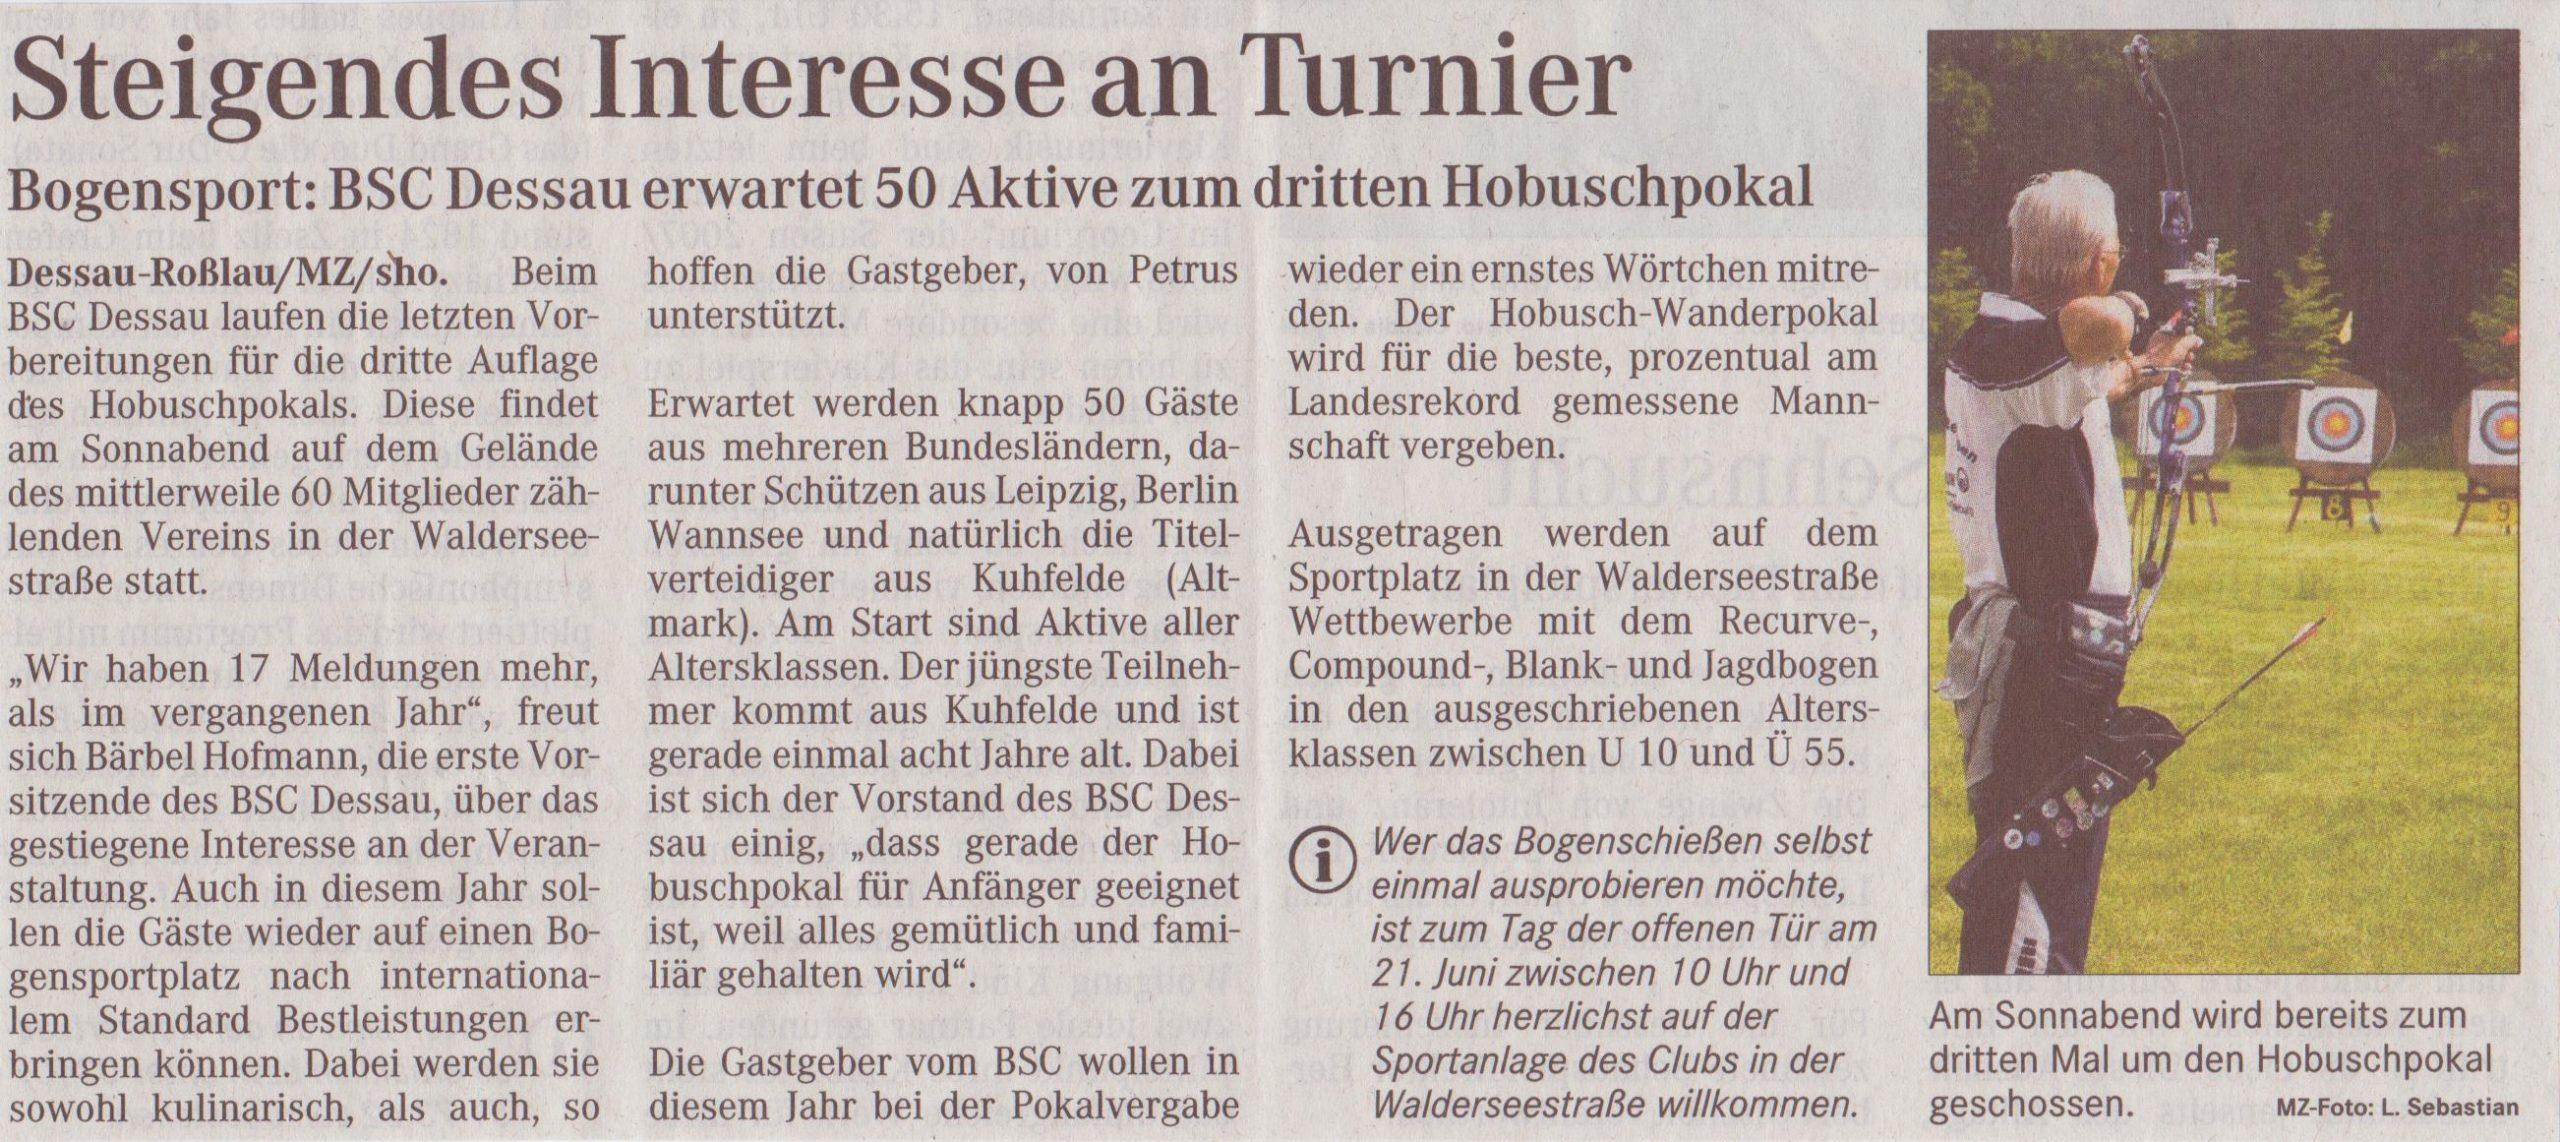 Ankündigung 3. Hobuschpokal – Mitteldeutsche Zeitung vom 22.05.2008)